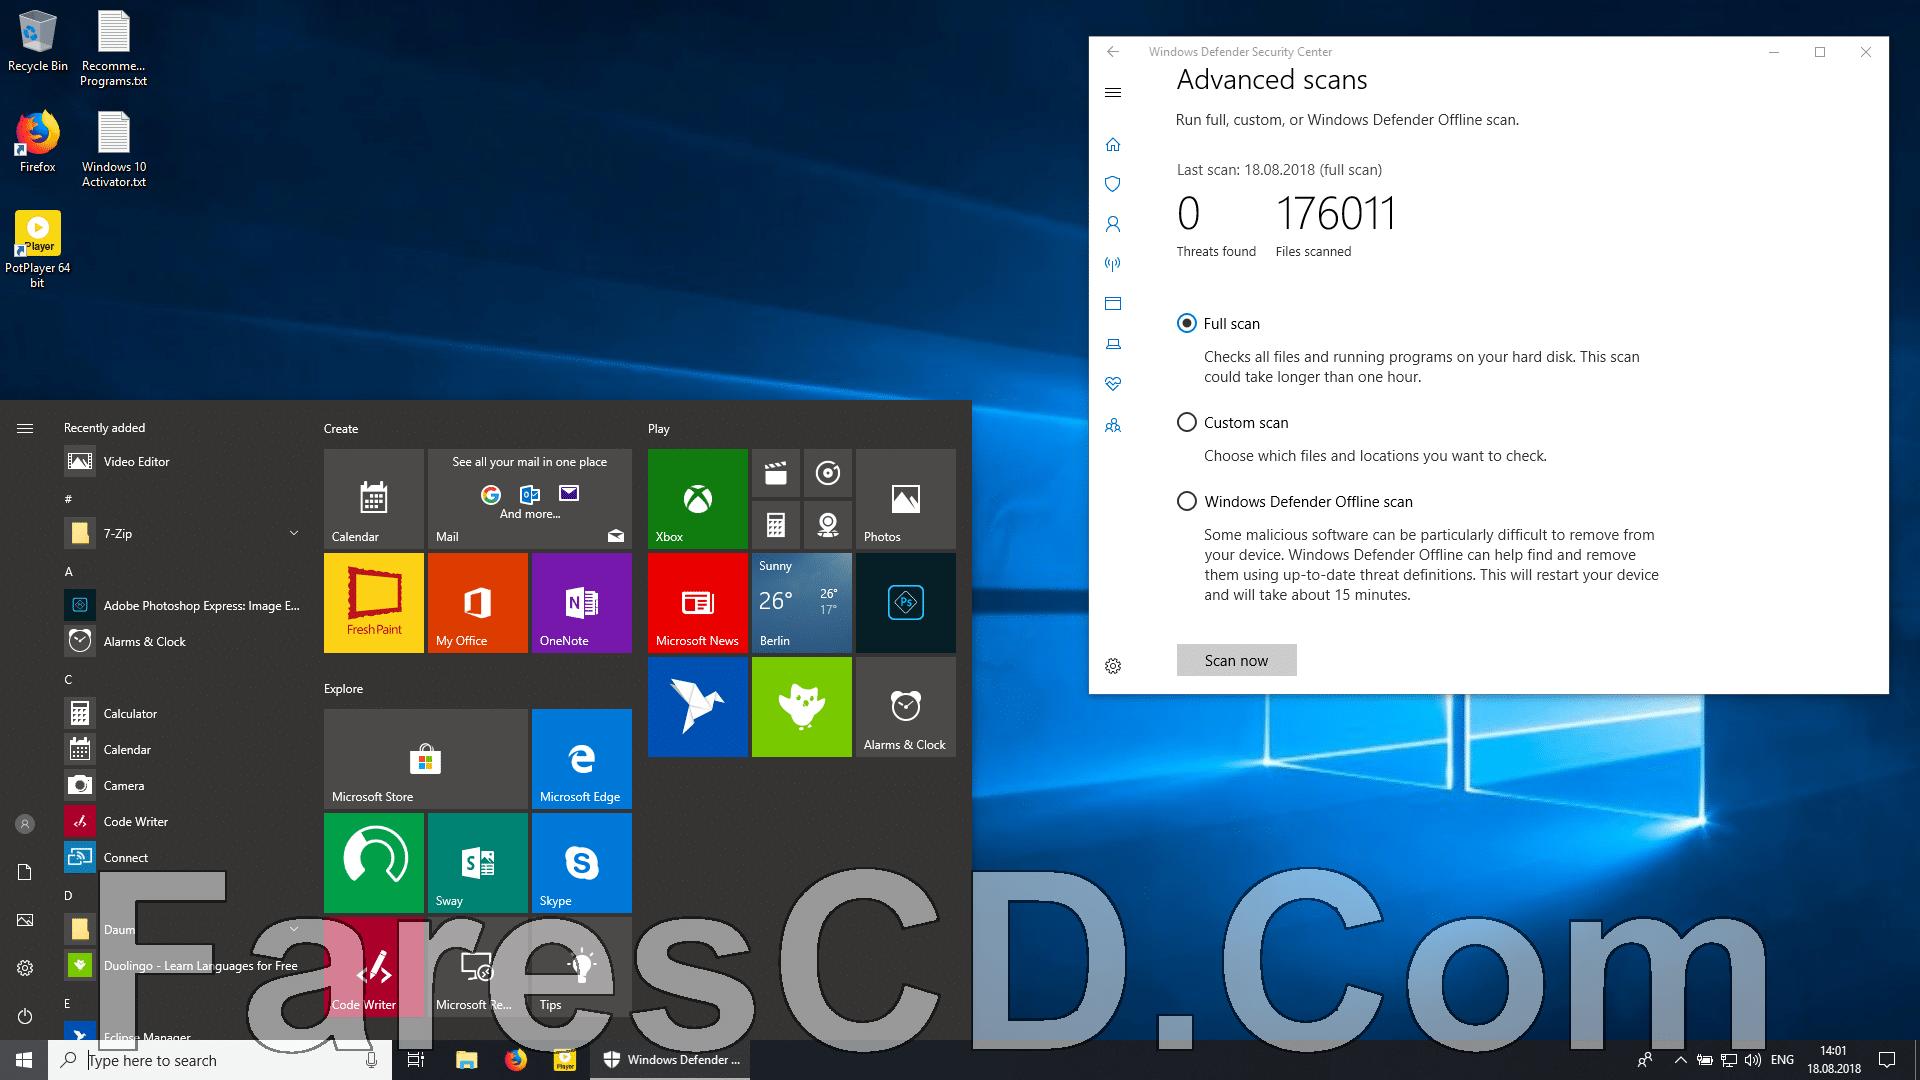 ويندوز 10 المطور | Windows 10 Enterprise Integral